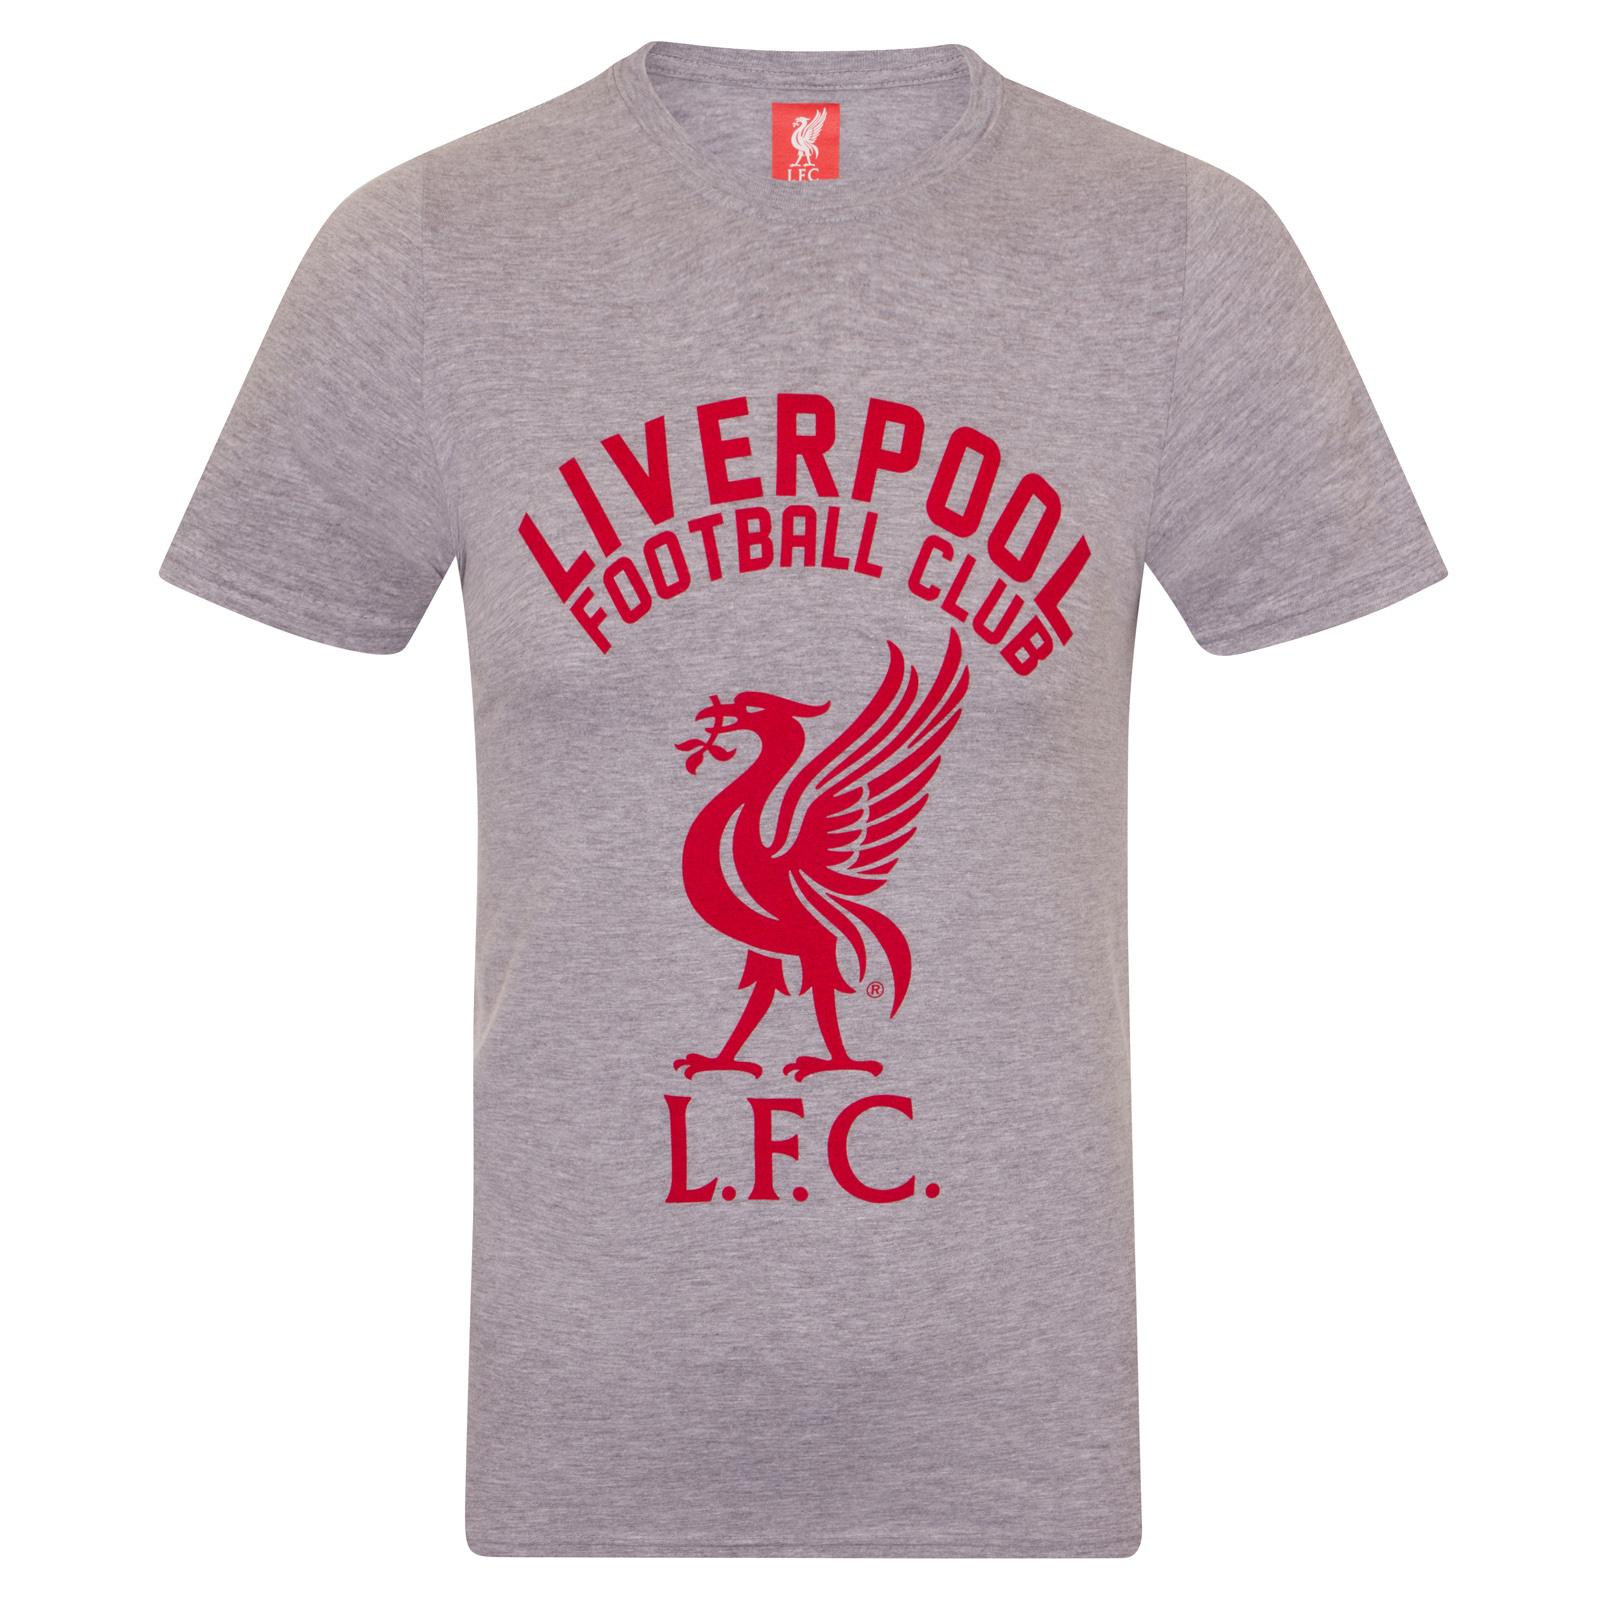 Liverpool-FC-officiel-T-shirt-theme-football-motif-graphique-homme